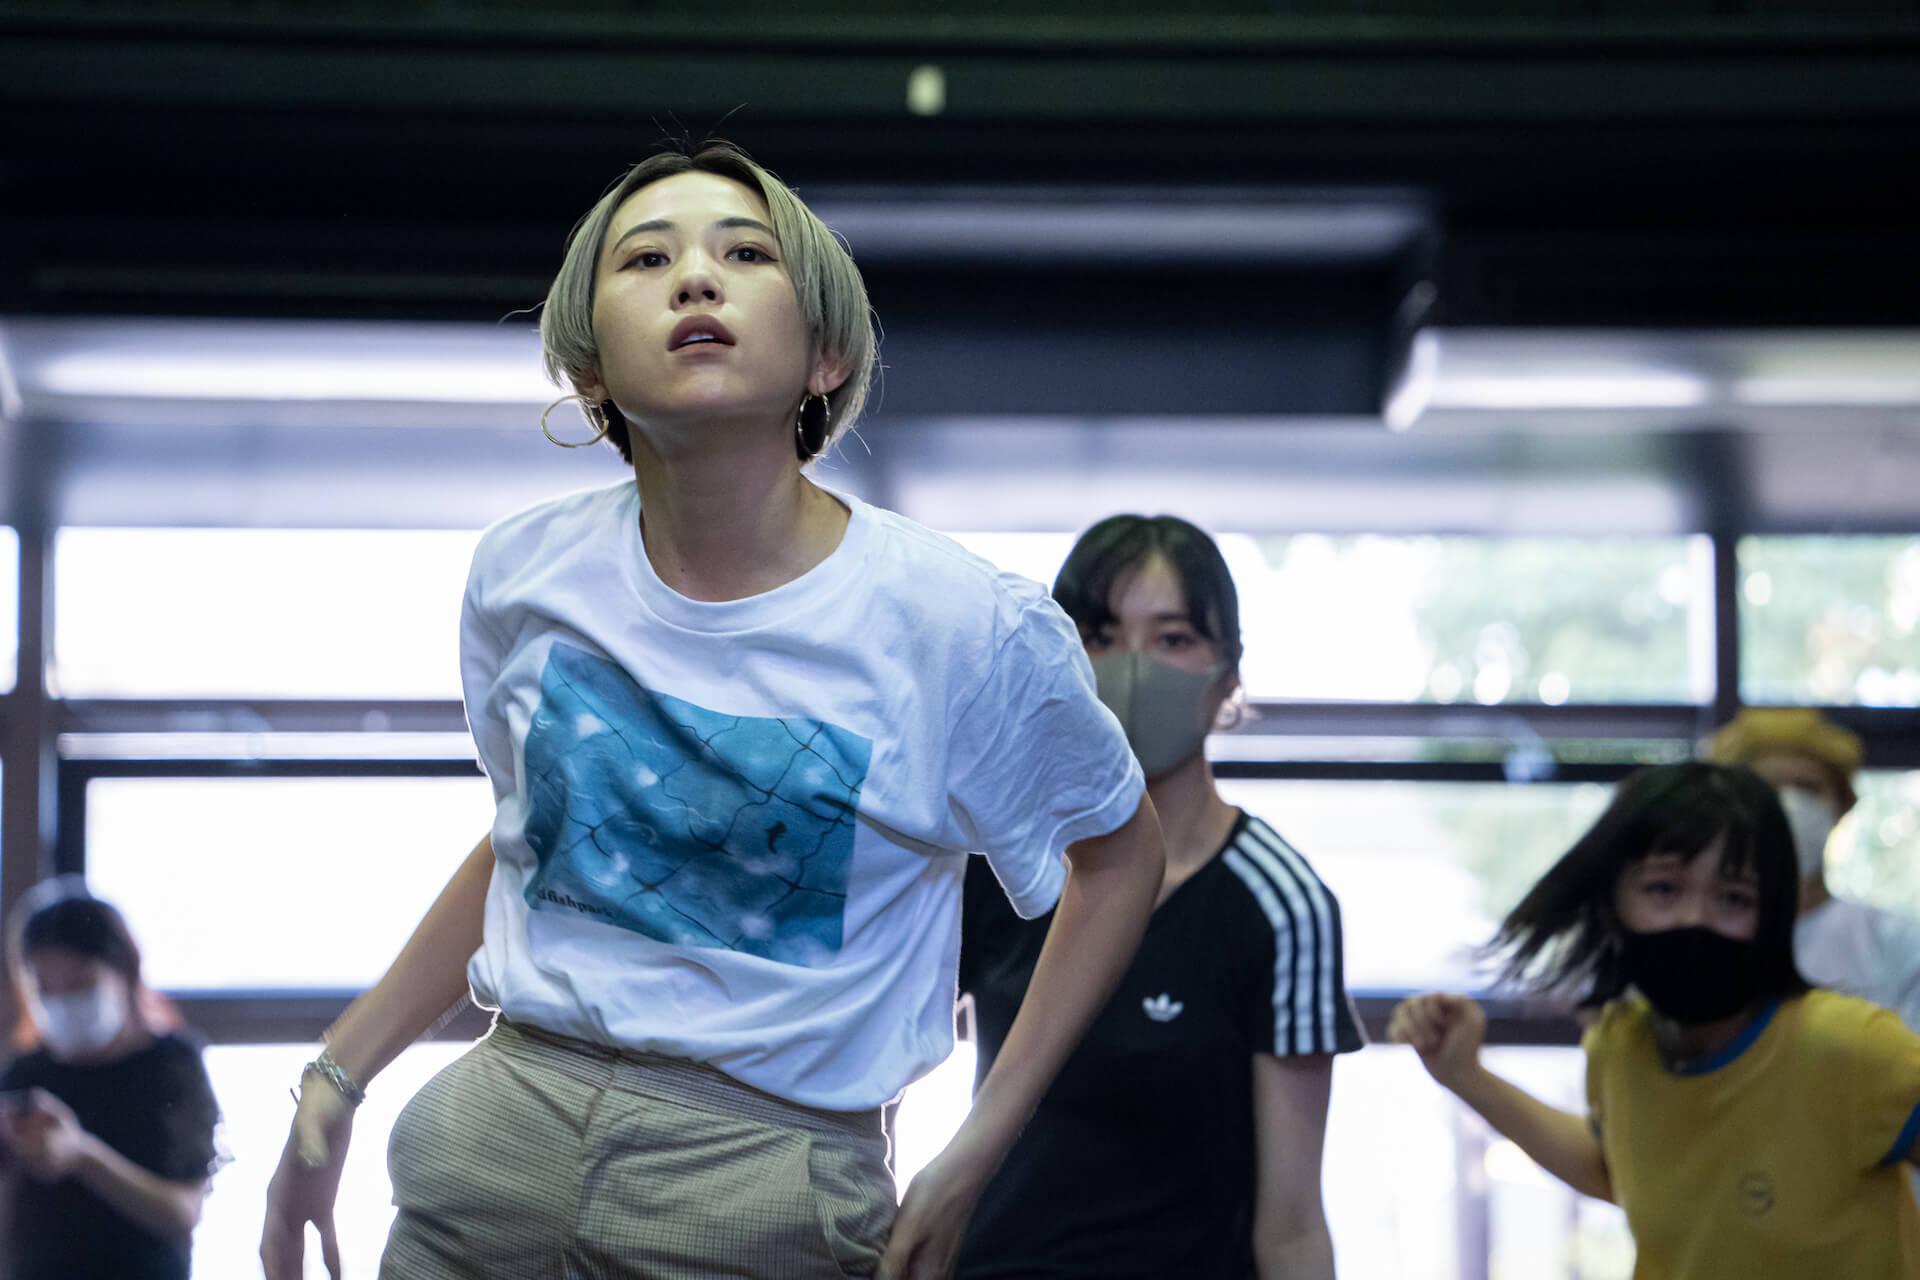 「音楽」と「踊り」──共演し続ける両者のマインド|対談:TENDRE × yurinasia interview210727_yurinasia-tendre-01